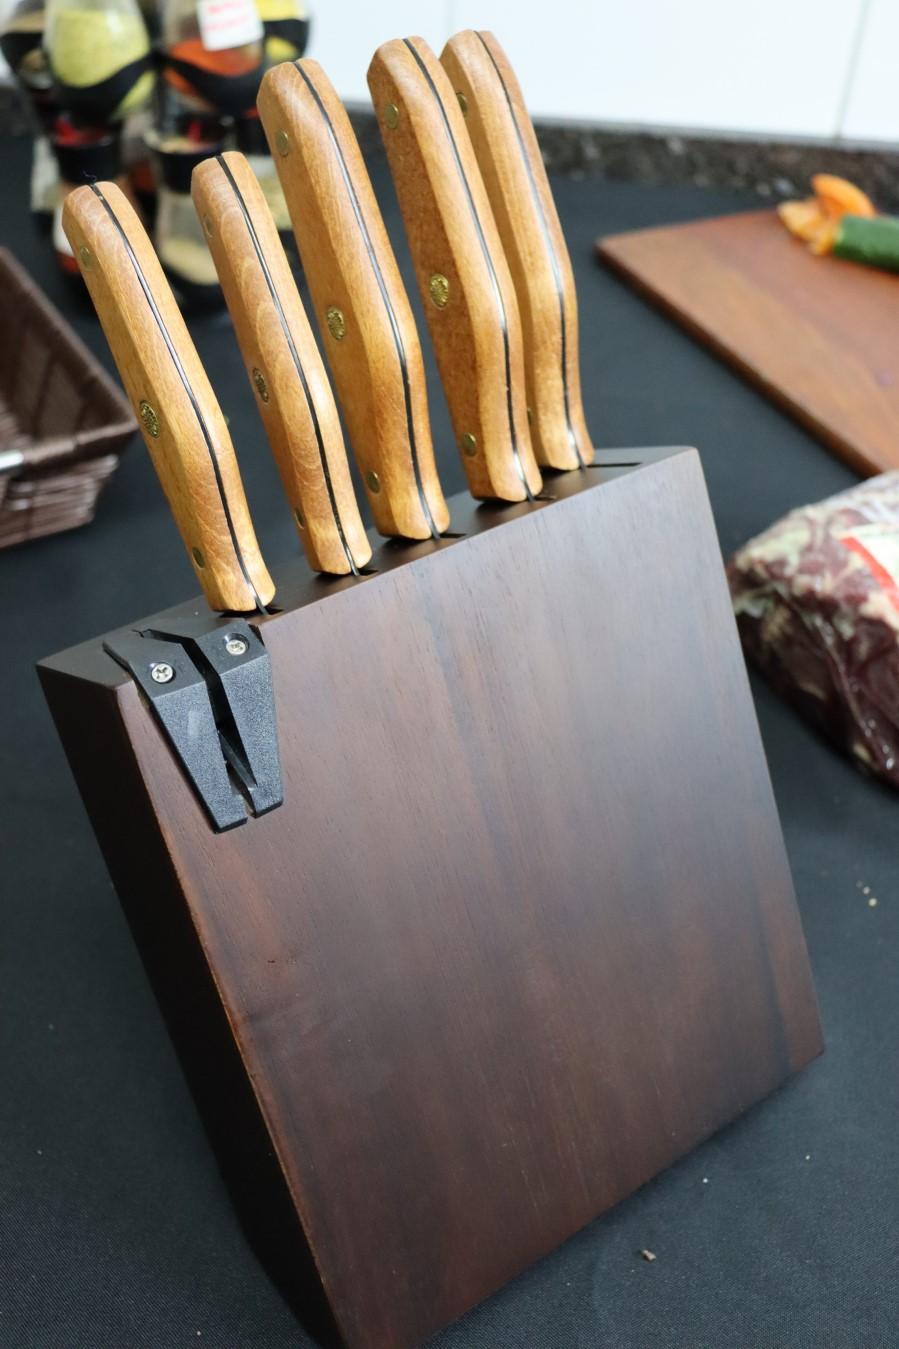 jogo de 5 facas pretas faqueiro em aço inox com suporte cepo em madeira conjunto de facas profissional